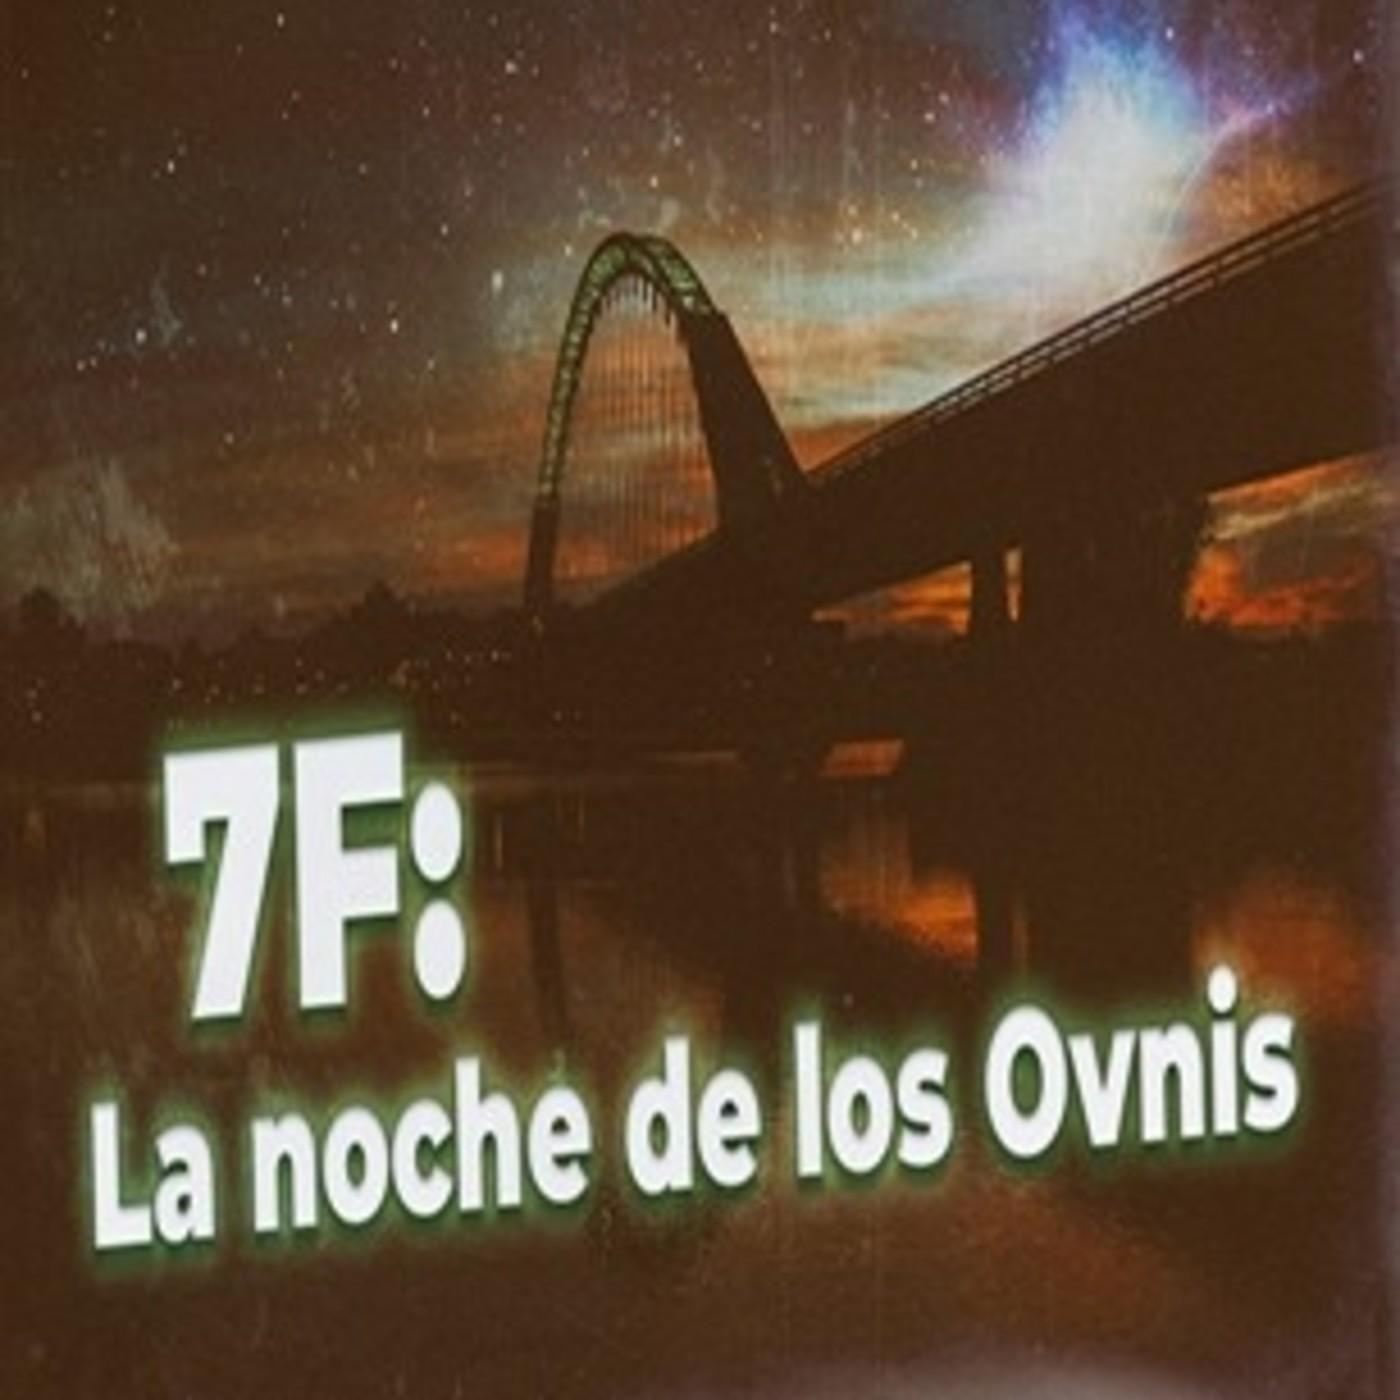 Cuarto Milenio: 7F, la noche de los ovnis en Cuarto Milenio (Oficial ...